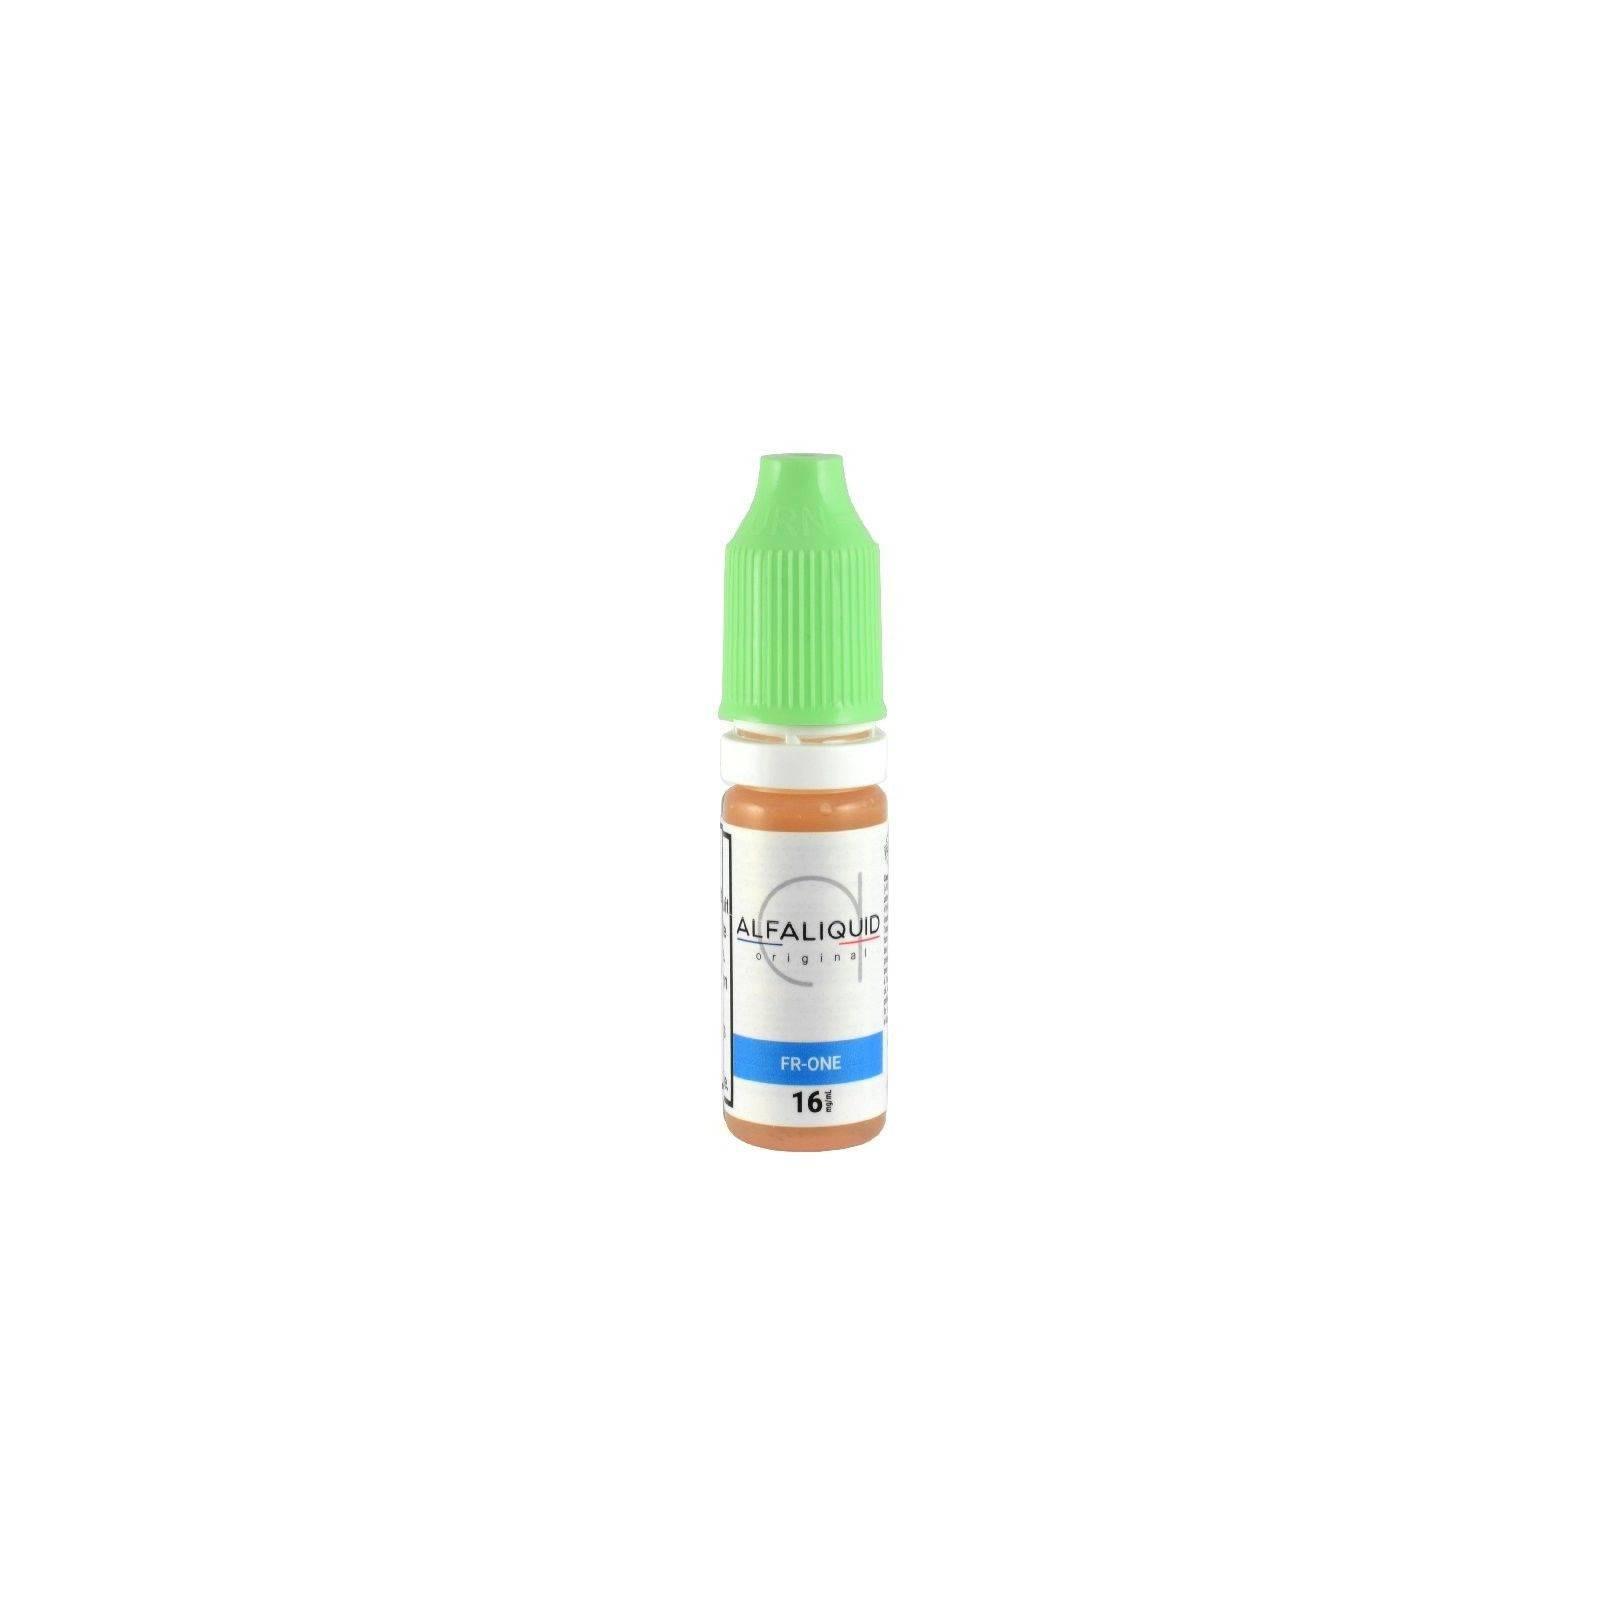 FR ONE - Alfaliquid